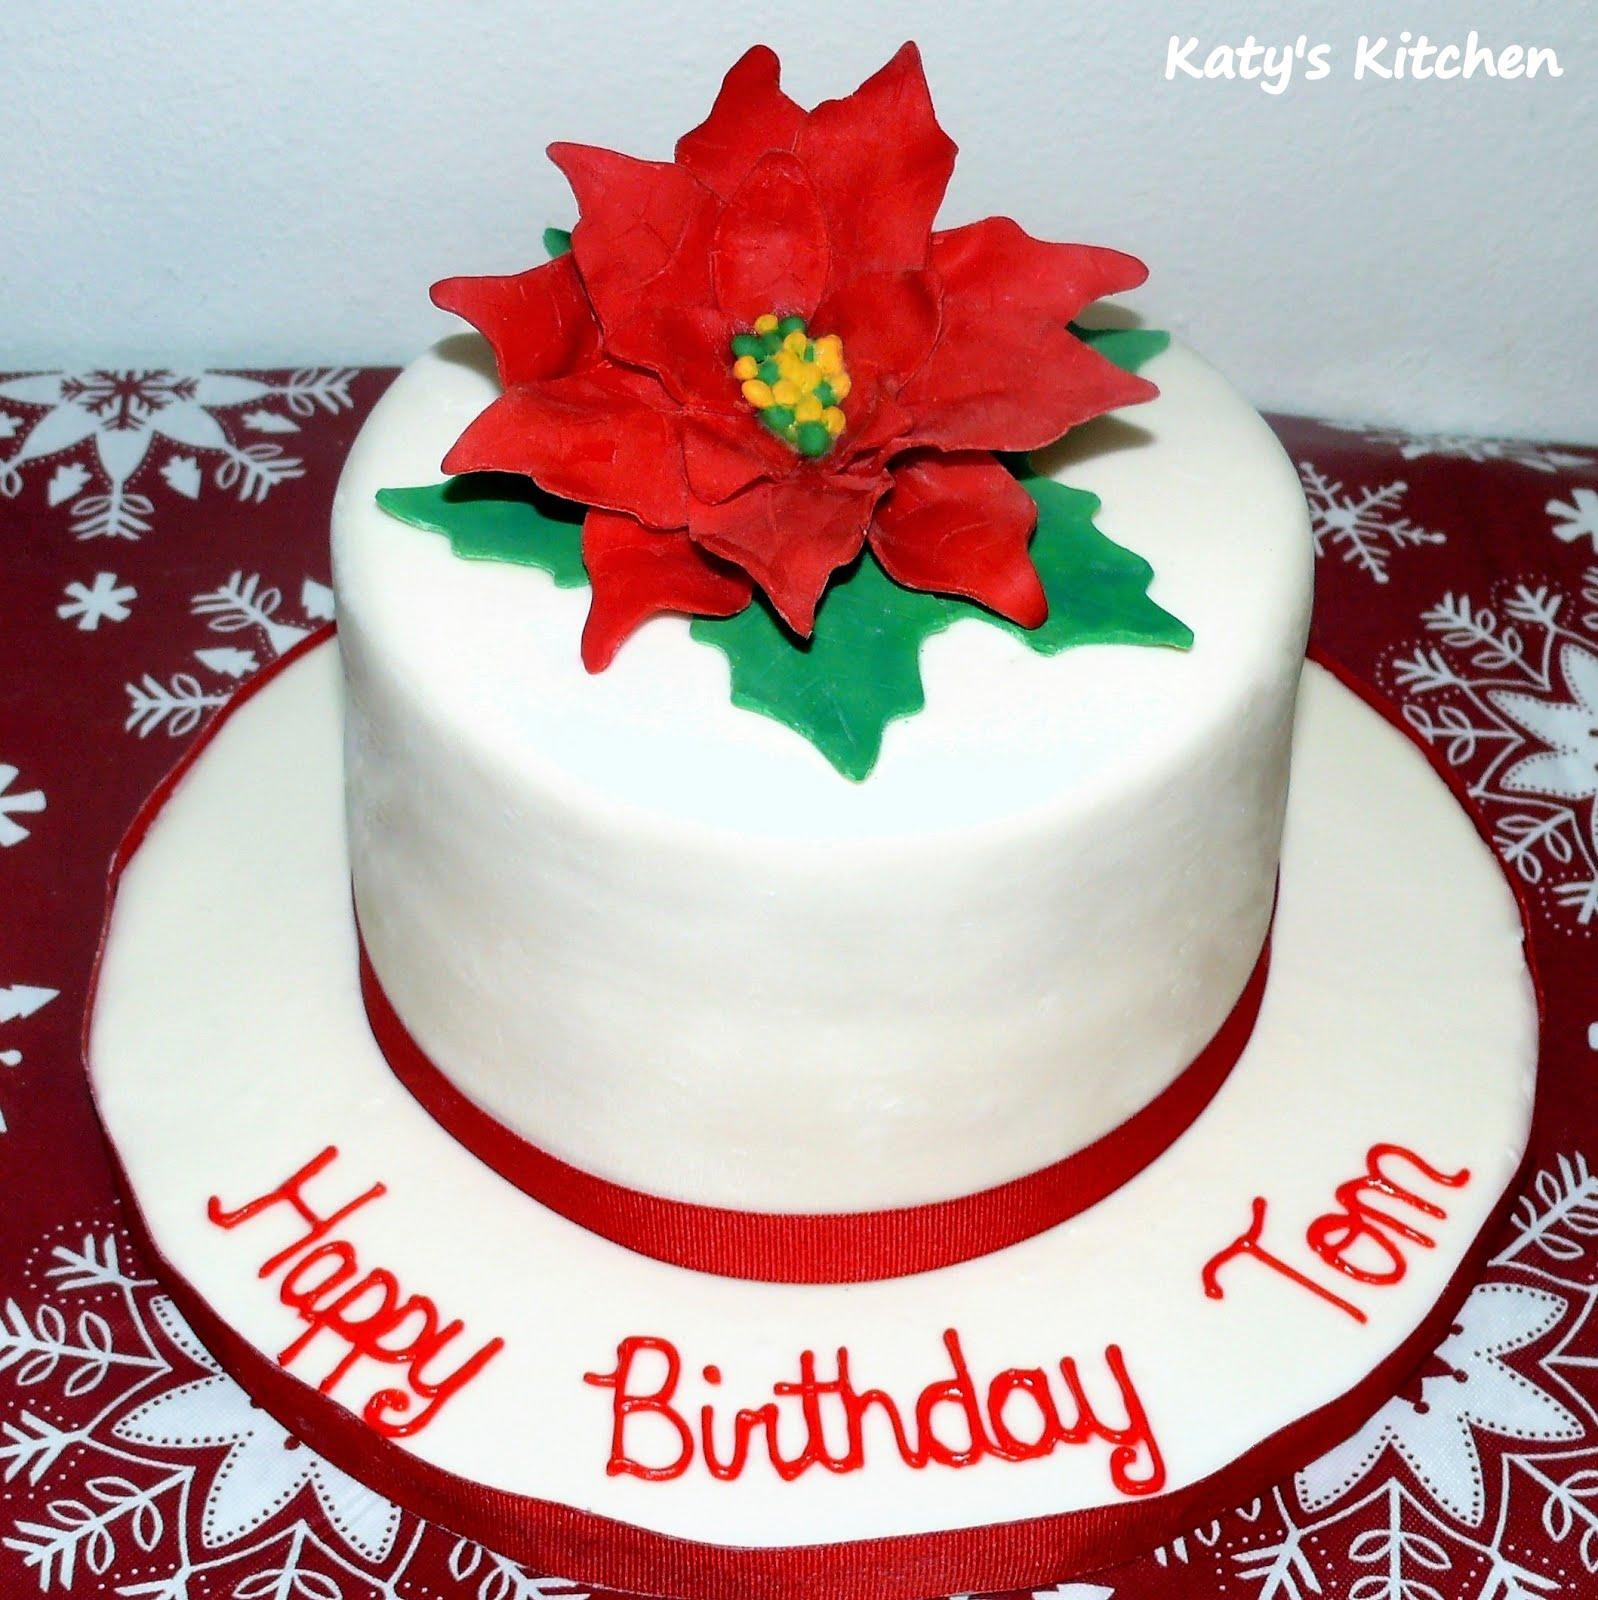 Katys Kitchen Poinsettia Birthday Cake